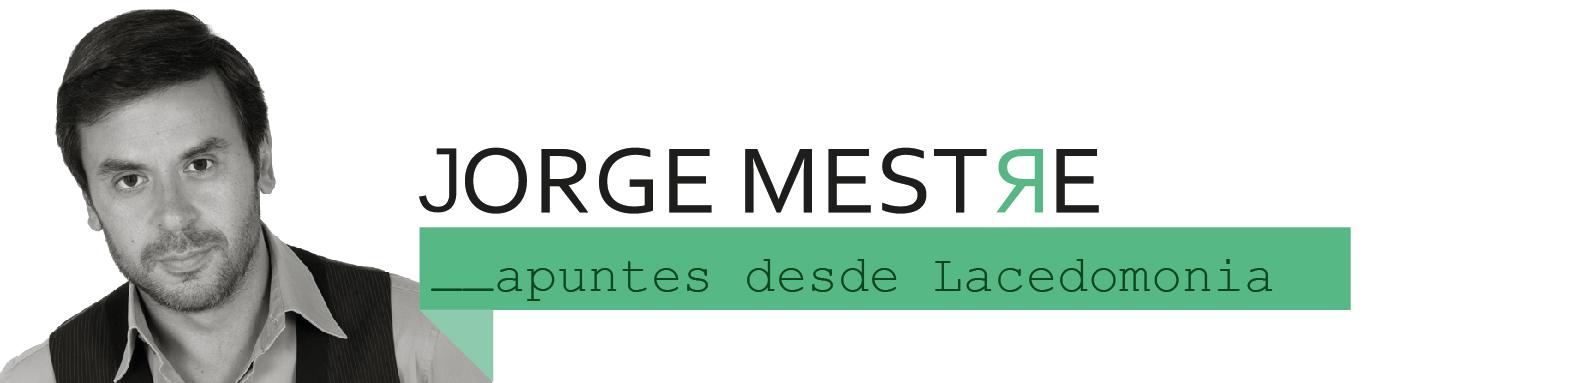 El blog de Jorge Mestre